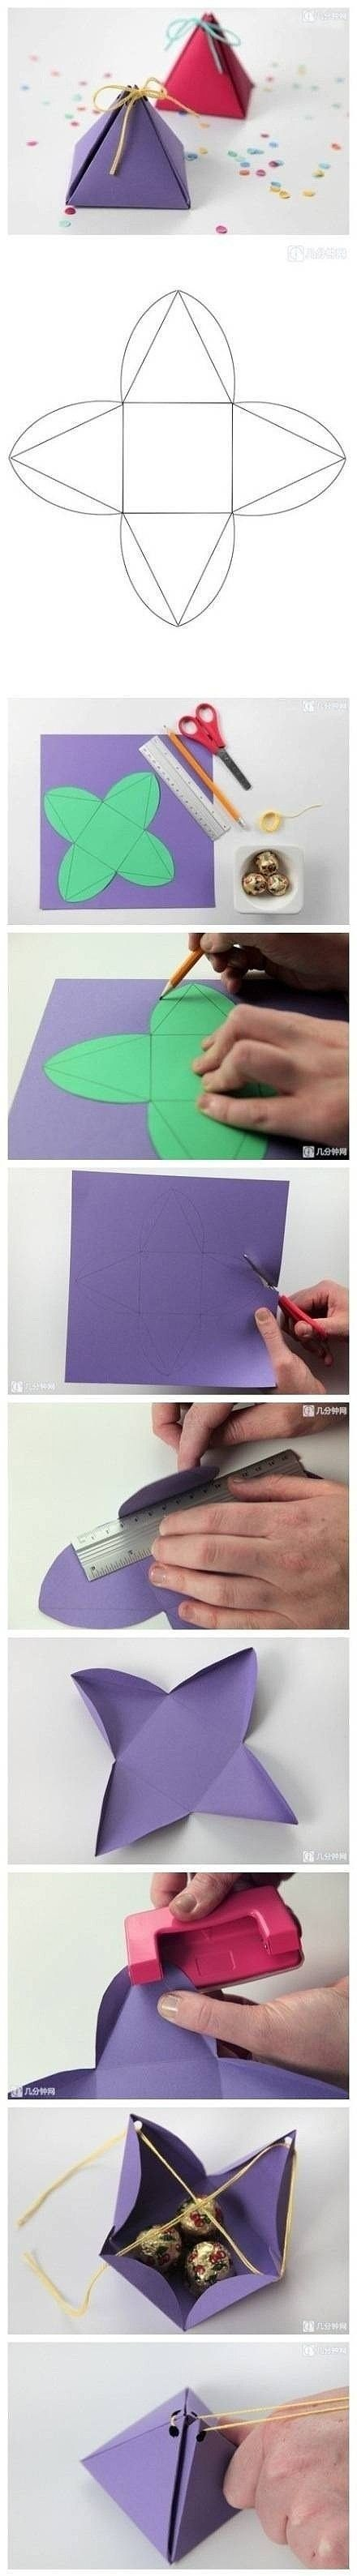 Pyramid Box instructions